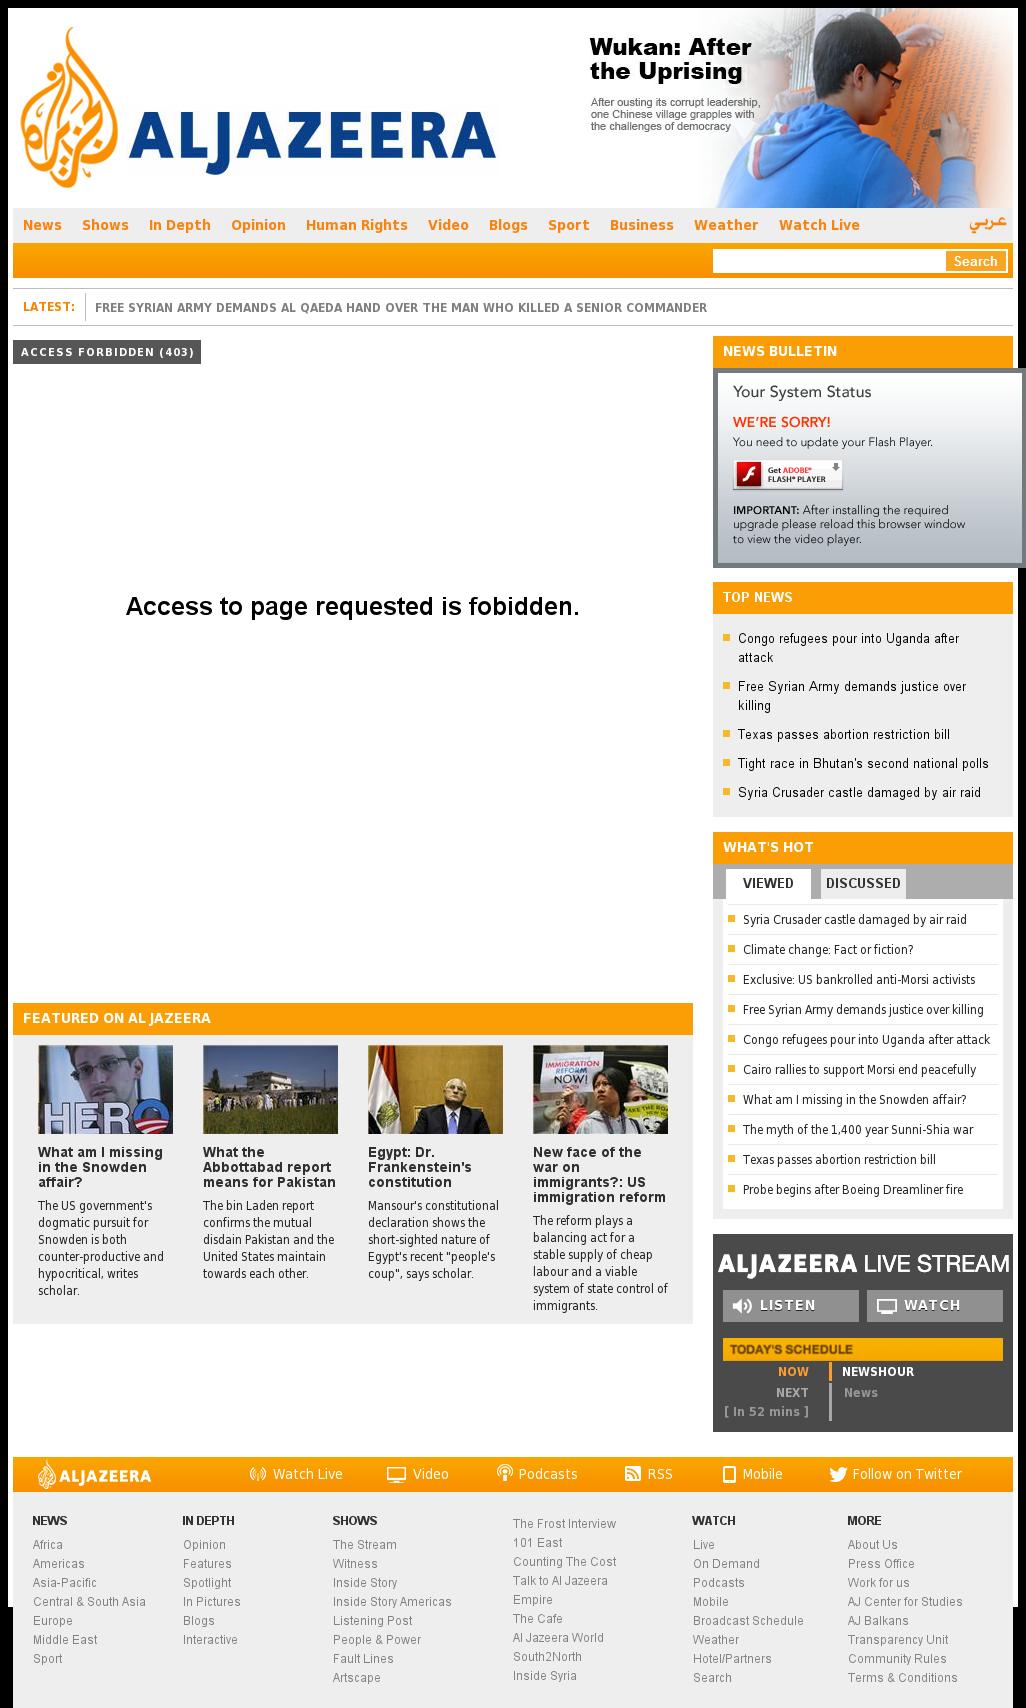 Al Jazeera (English) at Saturday July 13, 2013, 1:09 p.m. UTC